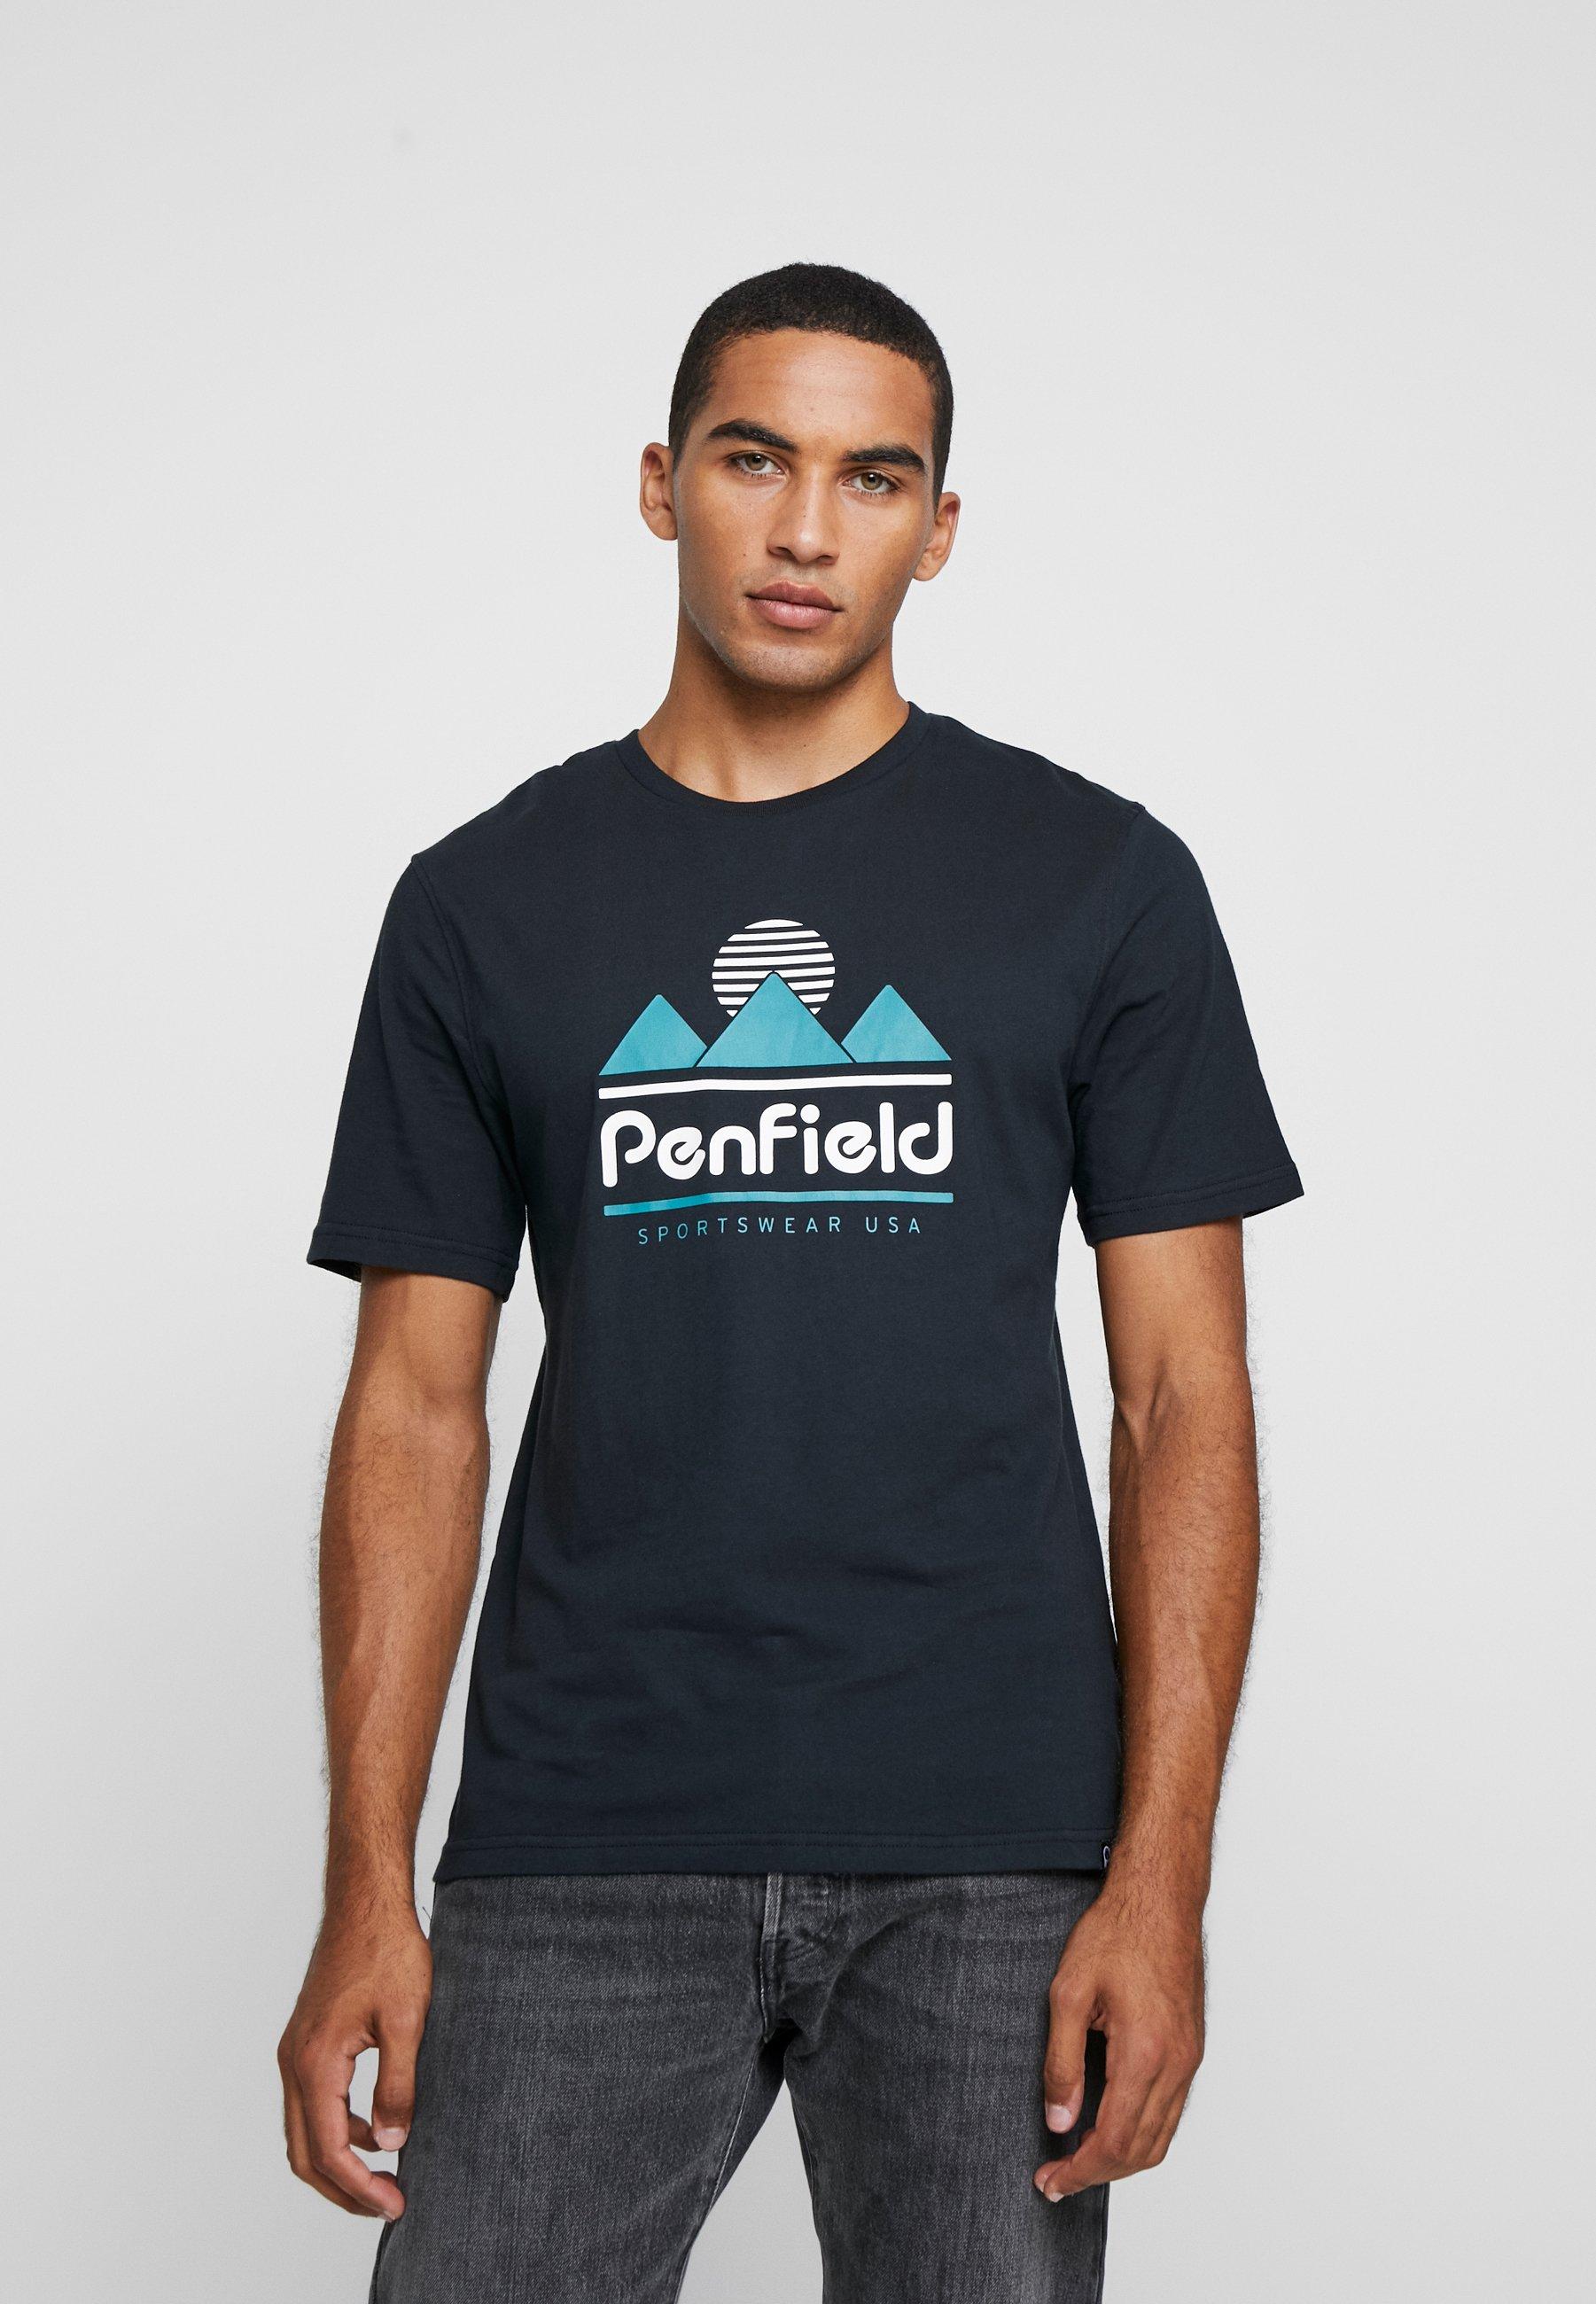 Penfield AbramsT Imprimé shirt Penfield AbramsT Black Penfield AbramsT Black shirt Imprimé GzpqMSVU